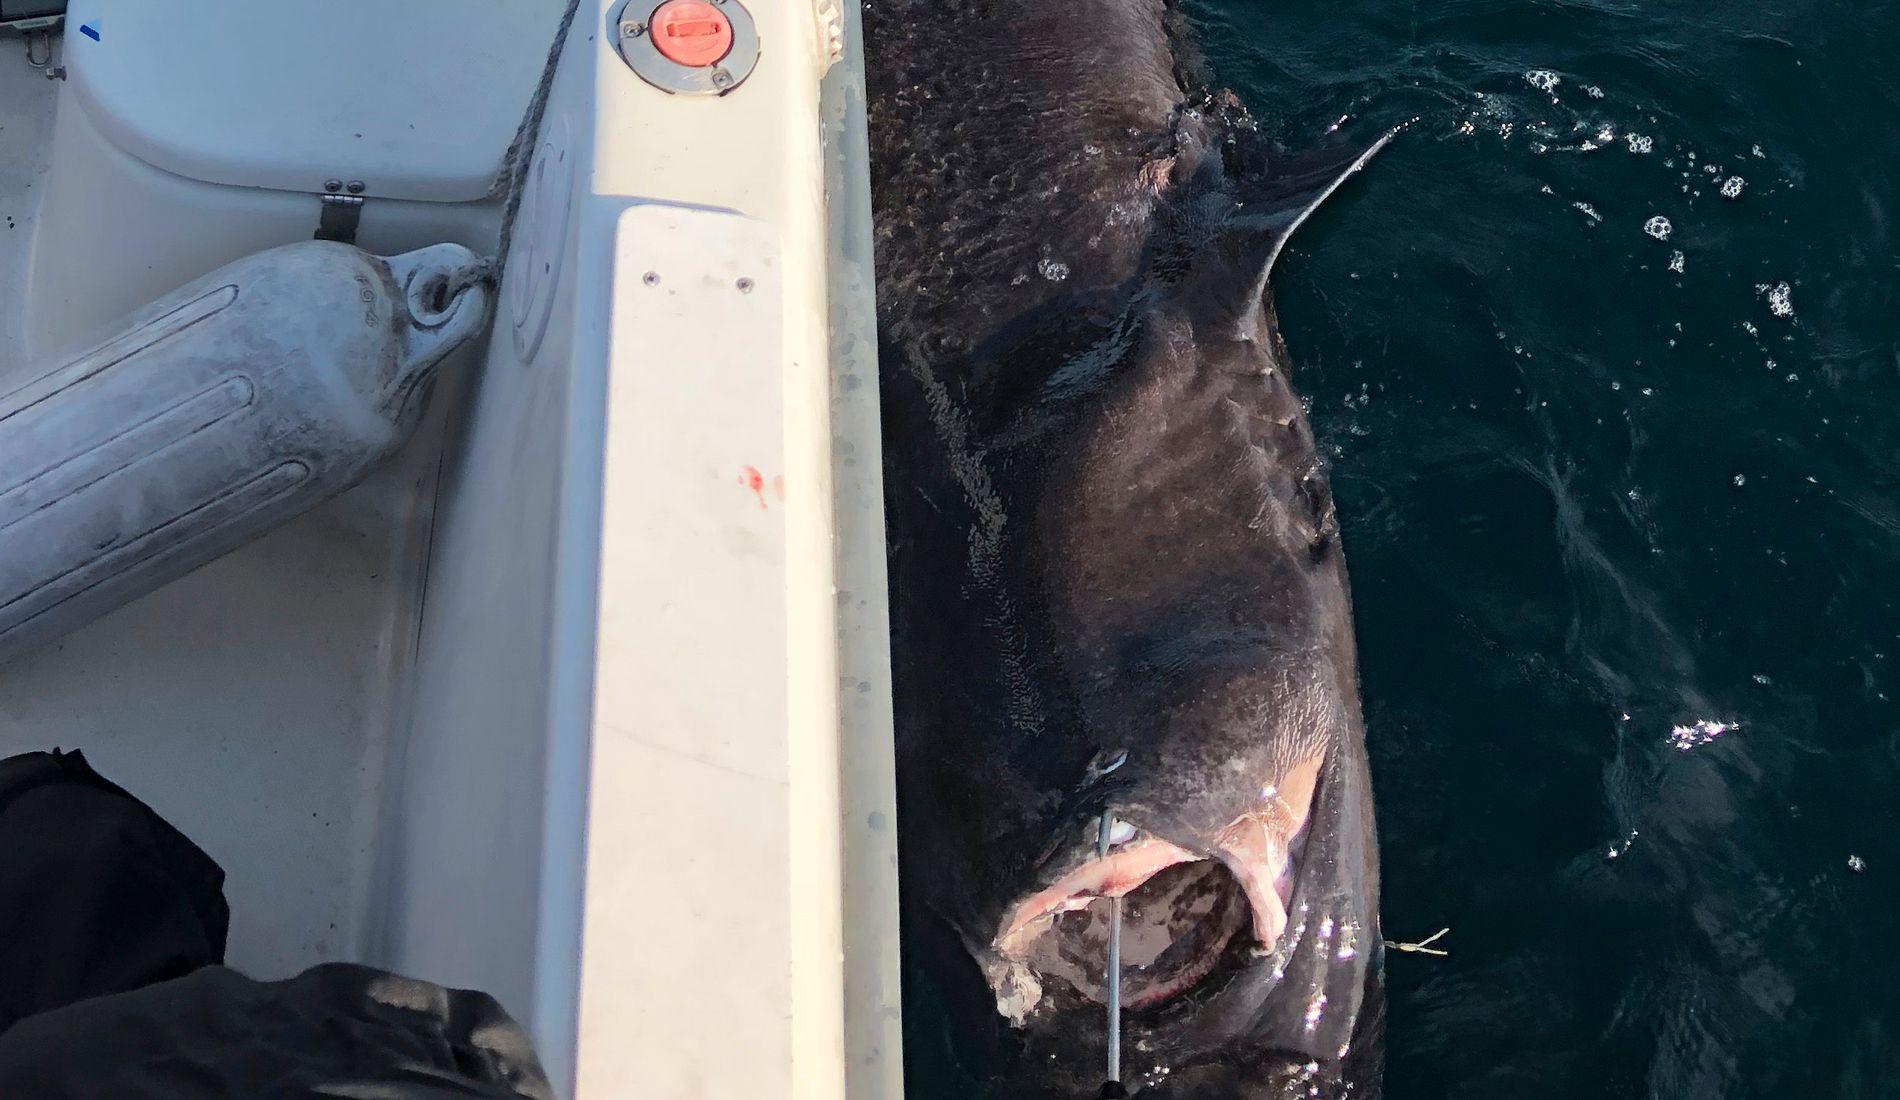 PÅ KROKEN: Den 200 kilo tunge haien ble sveivet om bord med helt vanlig havfiskeutstyr.